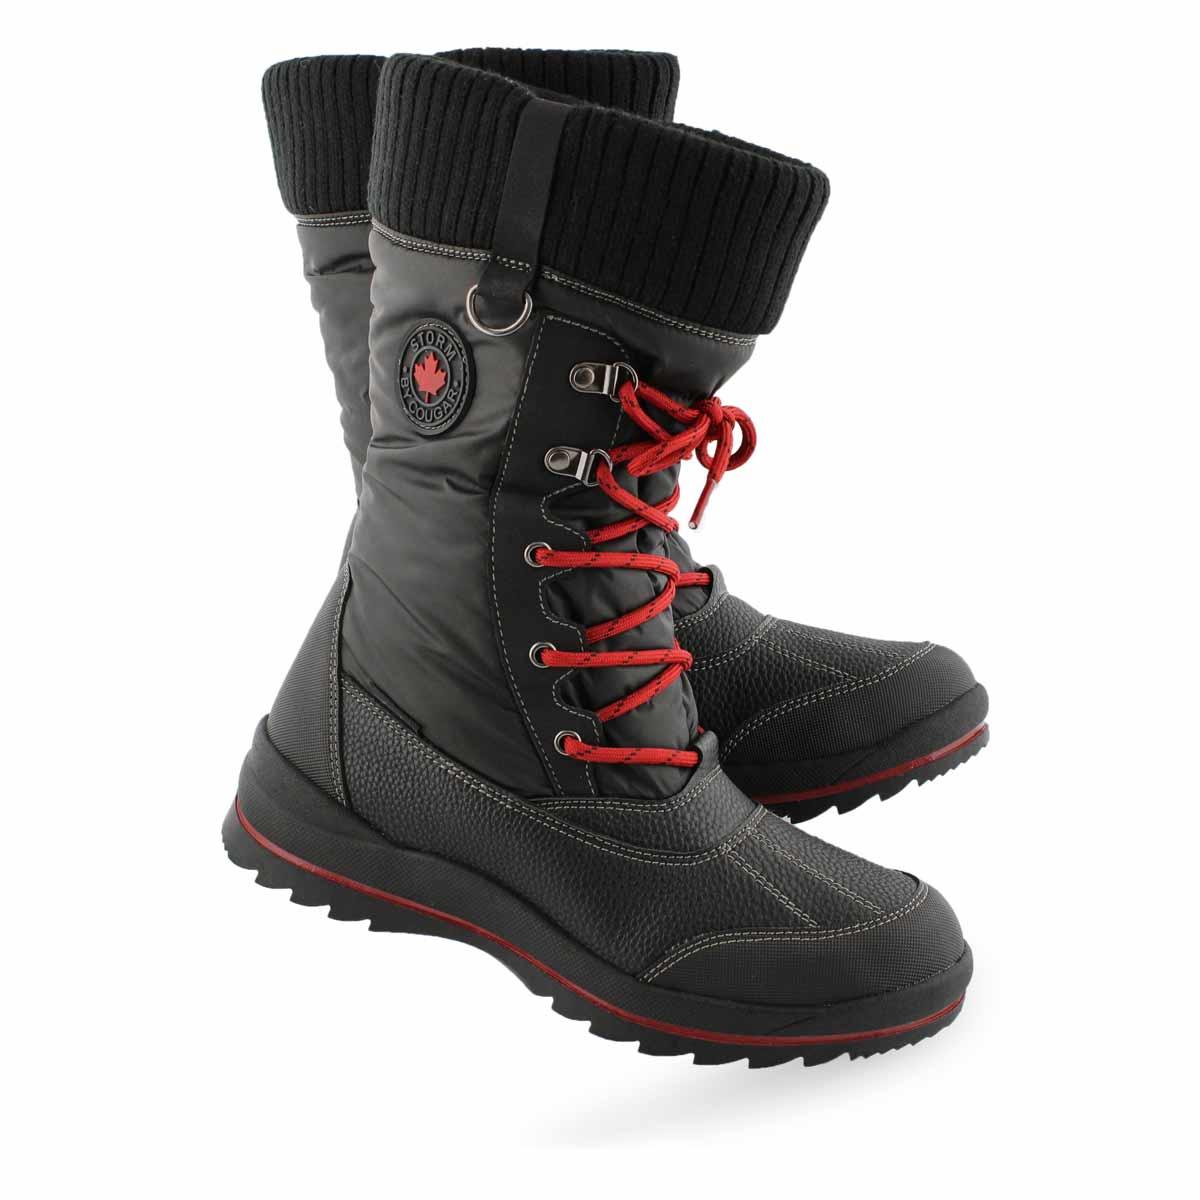 Lds Comos blk waterproof winter boot